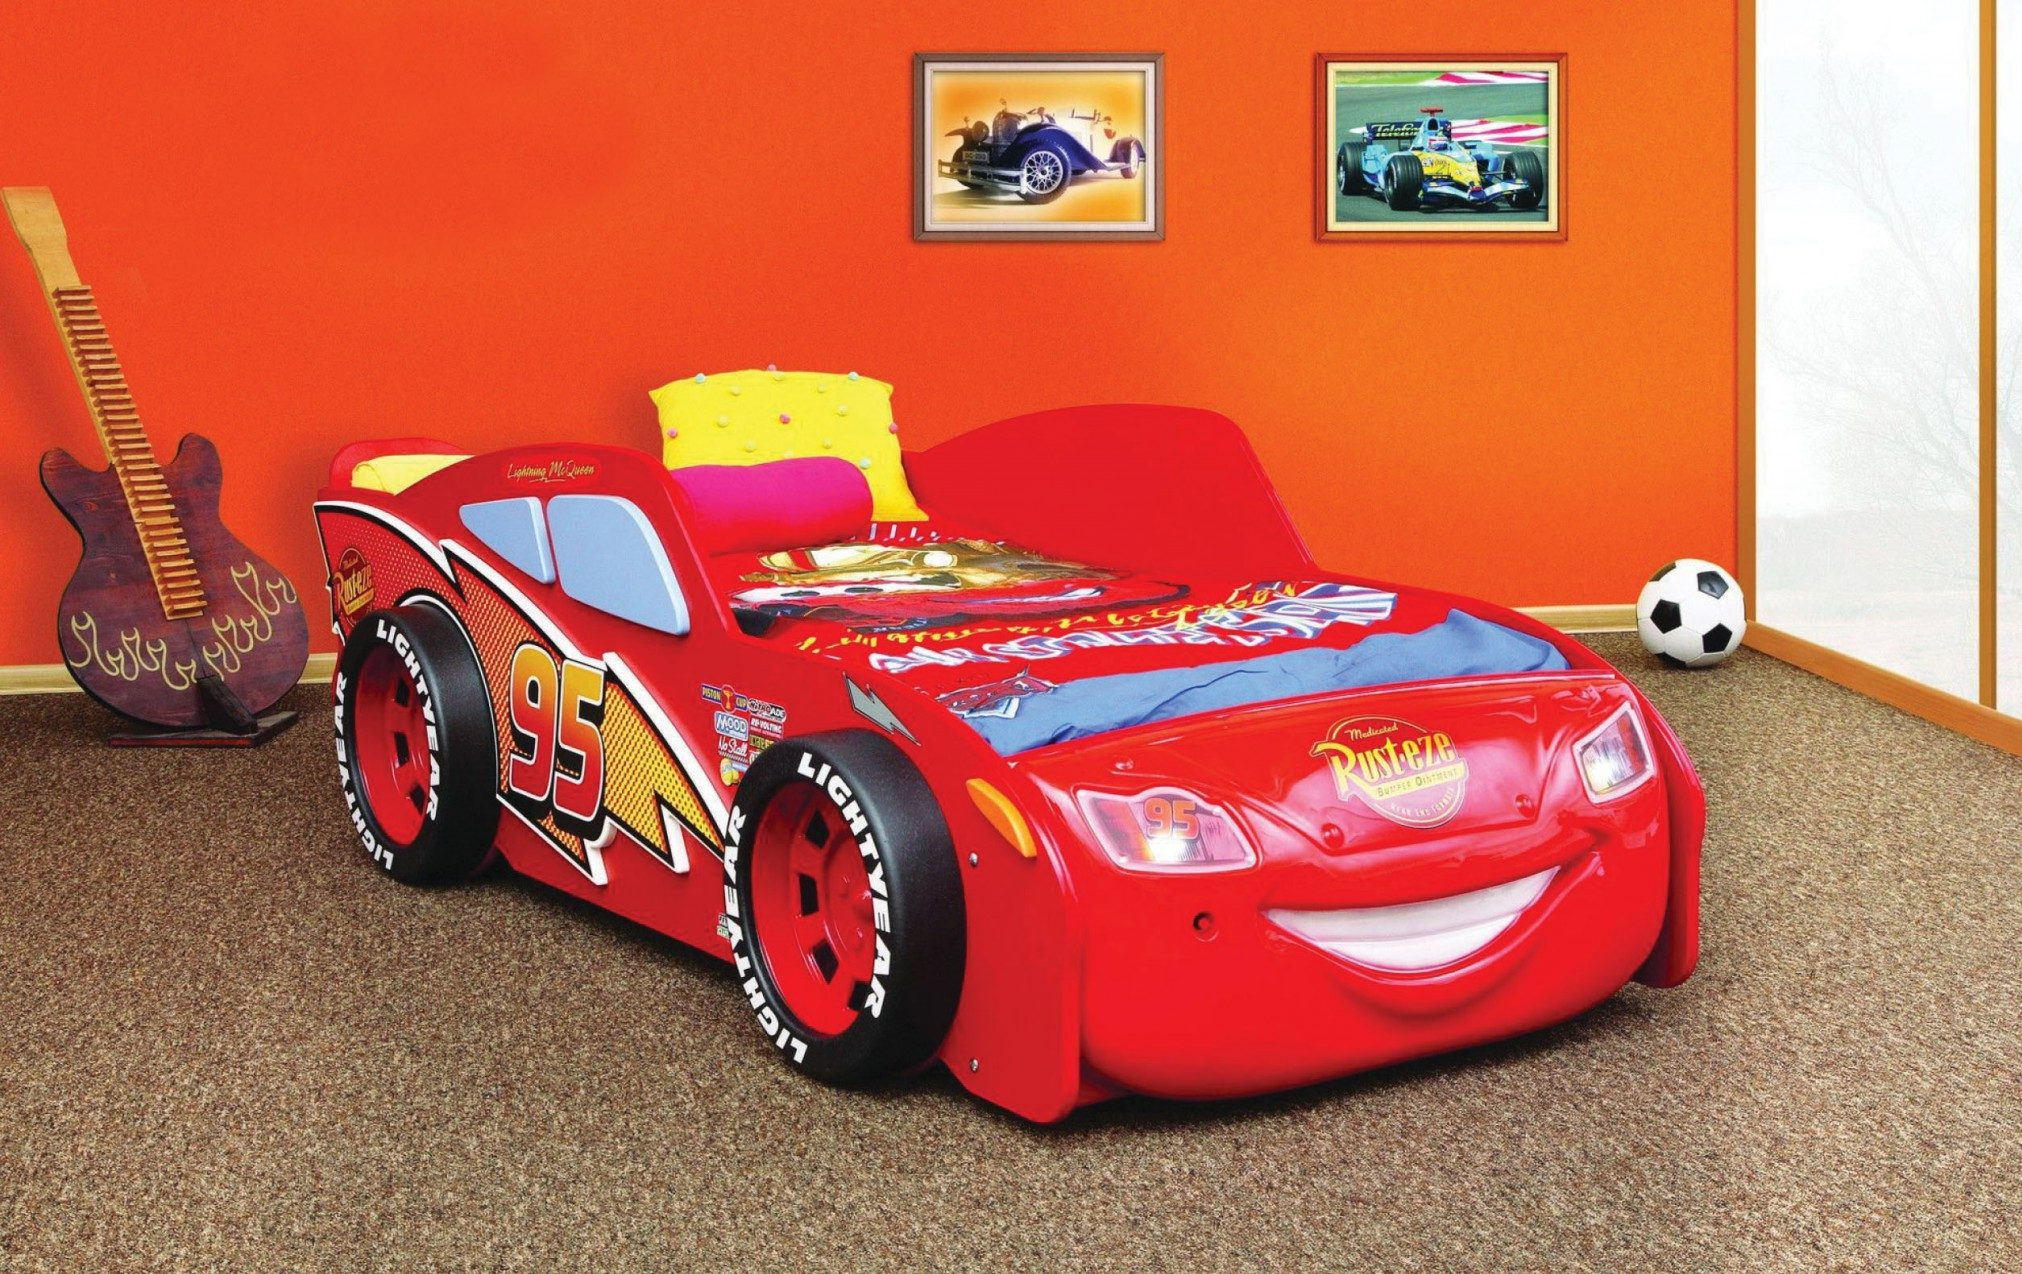 кровать-машинка из мультсериала